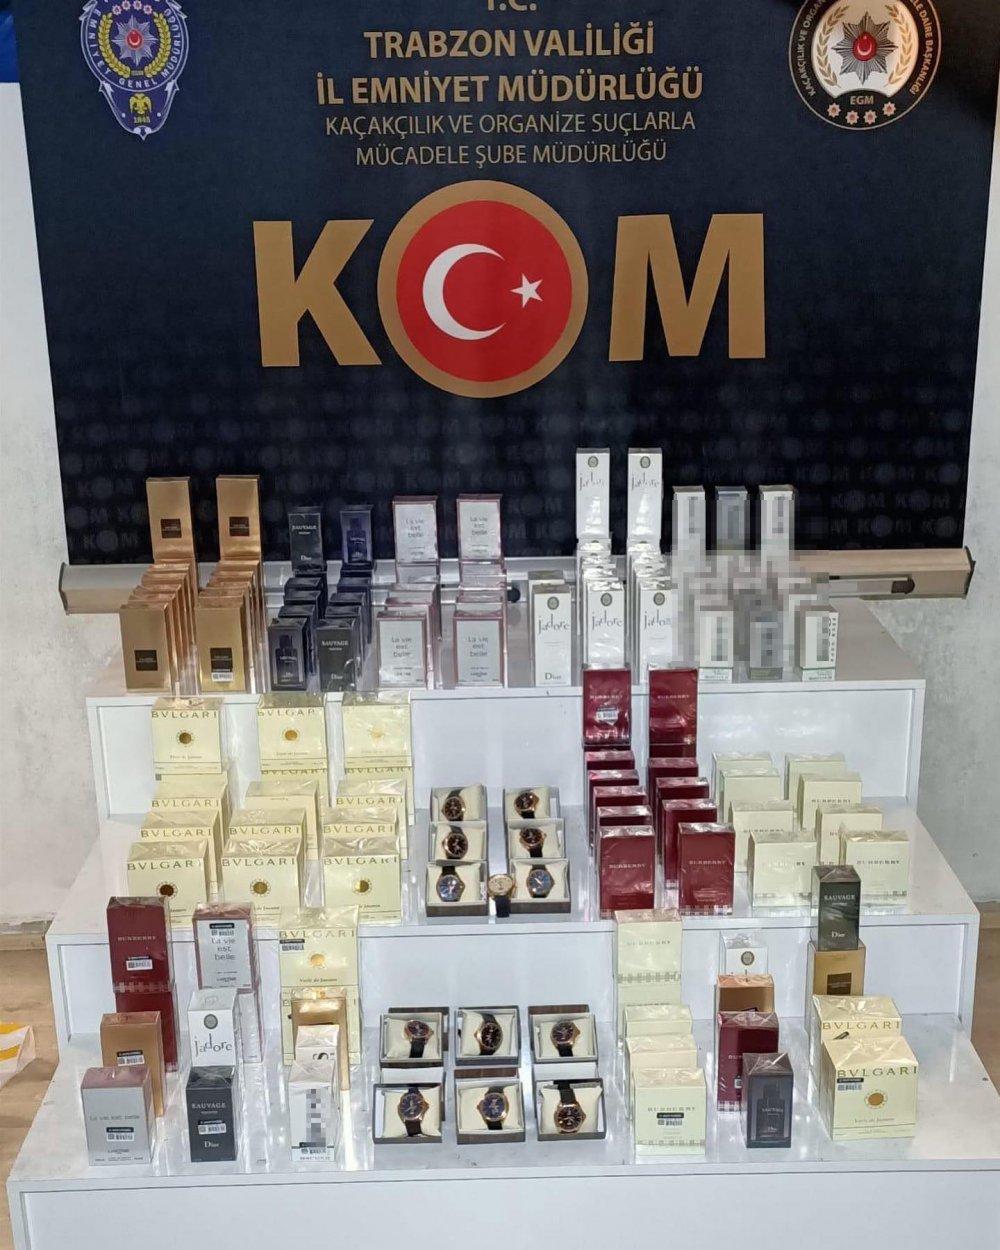 Trabzon Emniyetinden '404 not found'lu gönderme